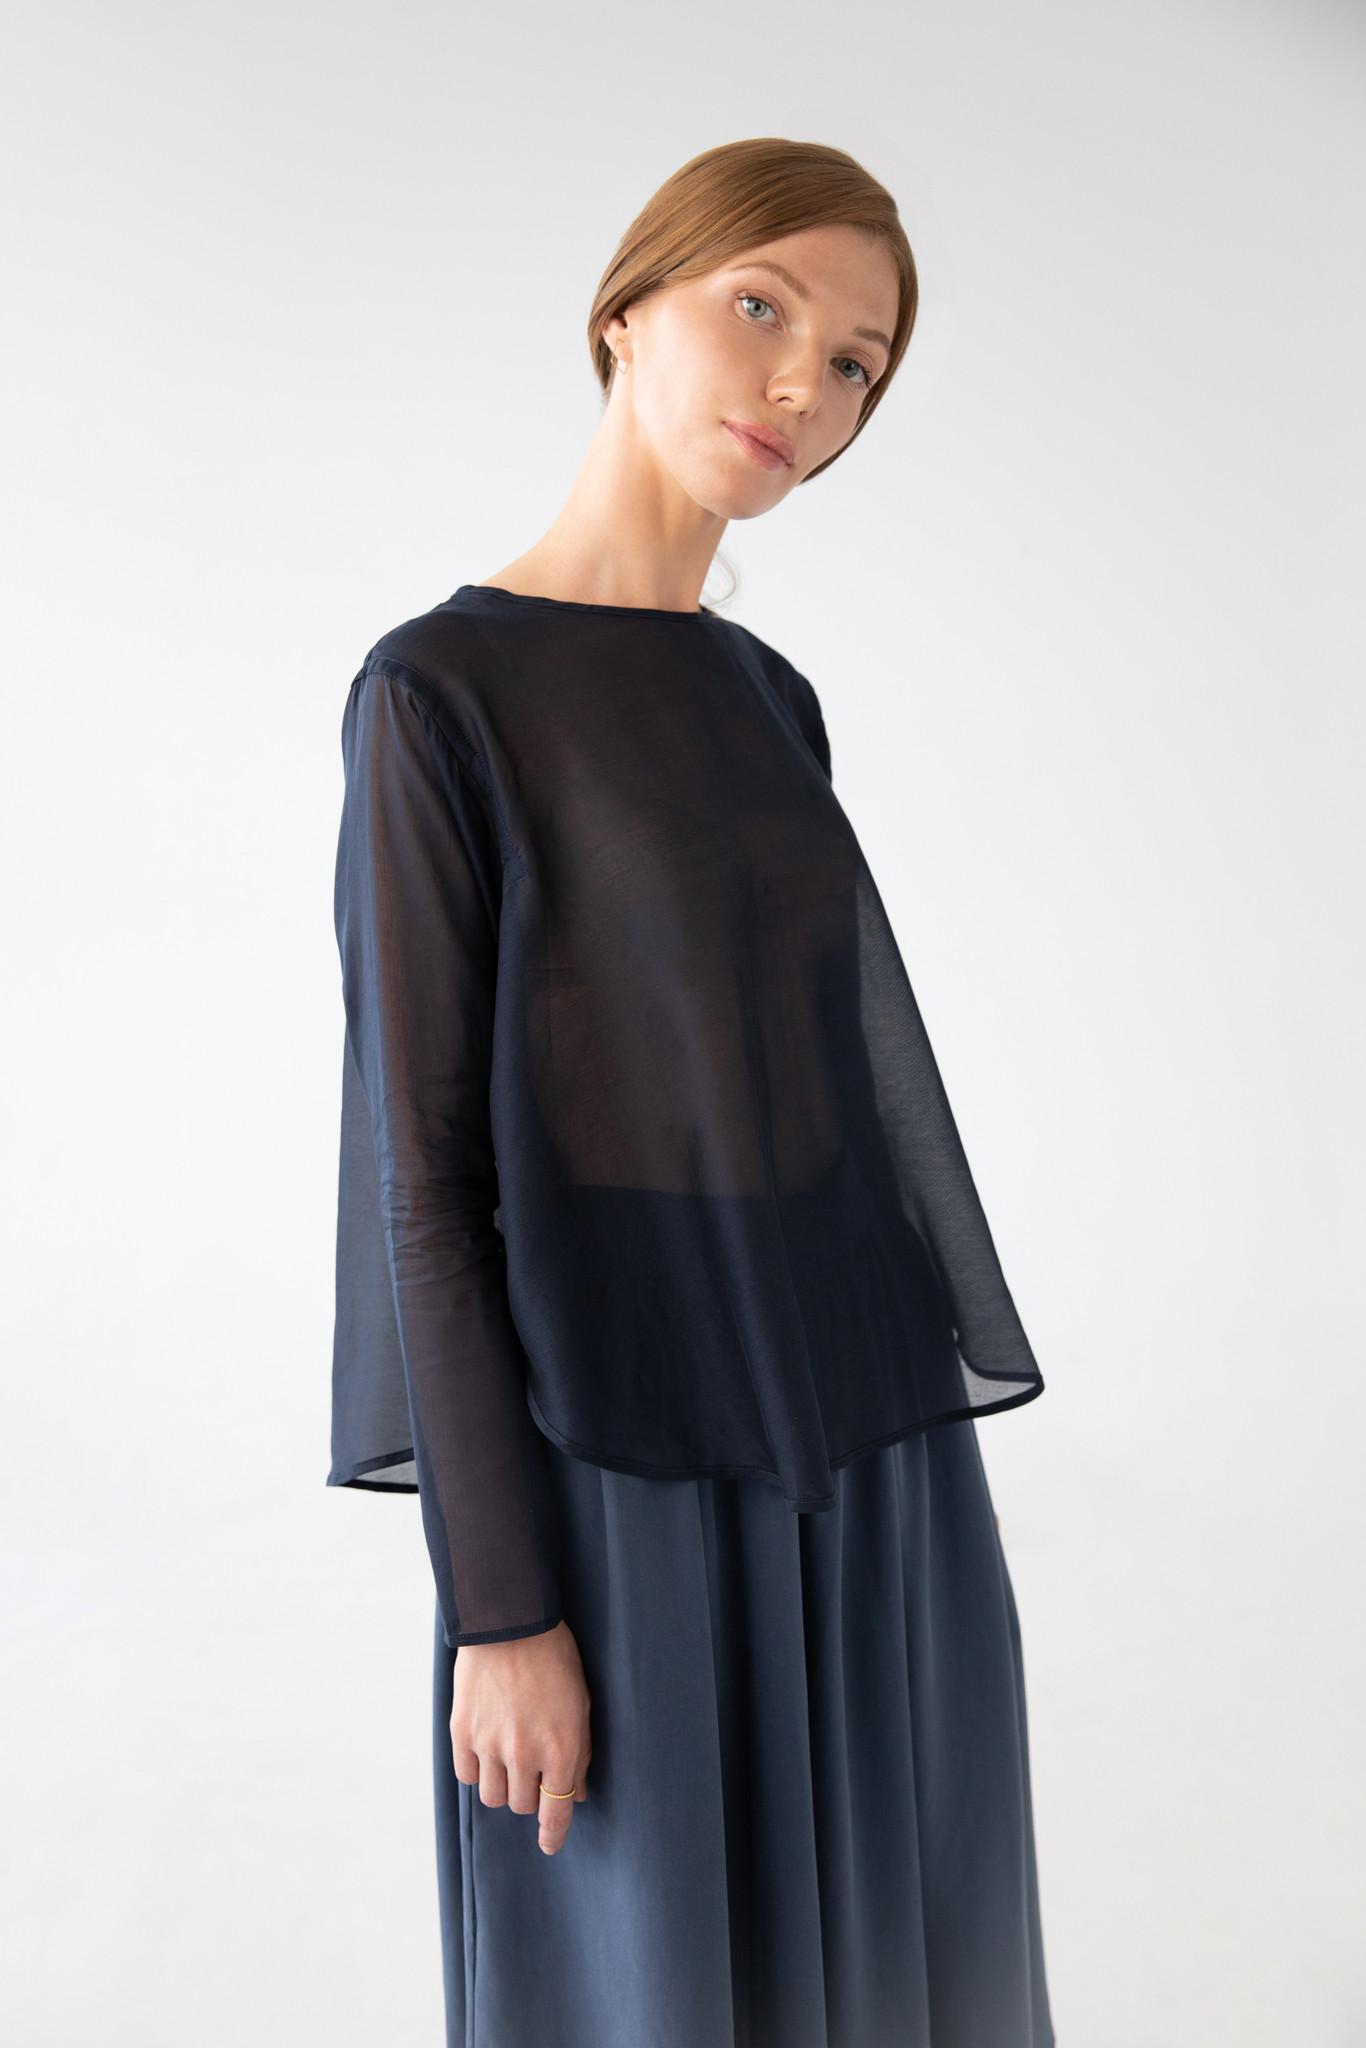 Shirt with round hem made of silk blend - blue-3